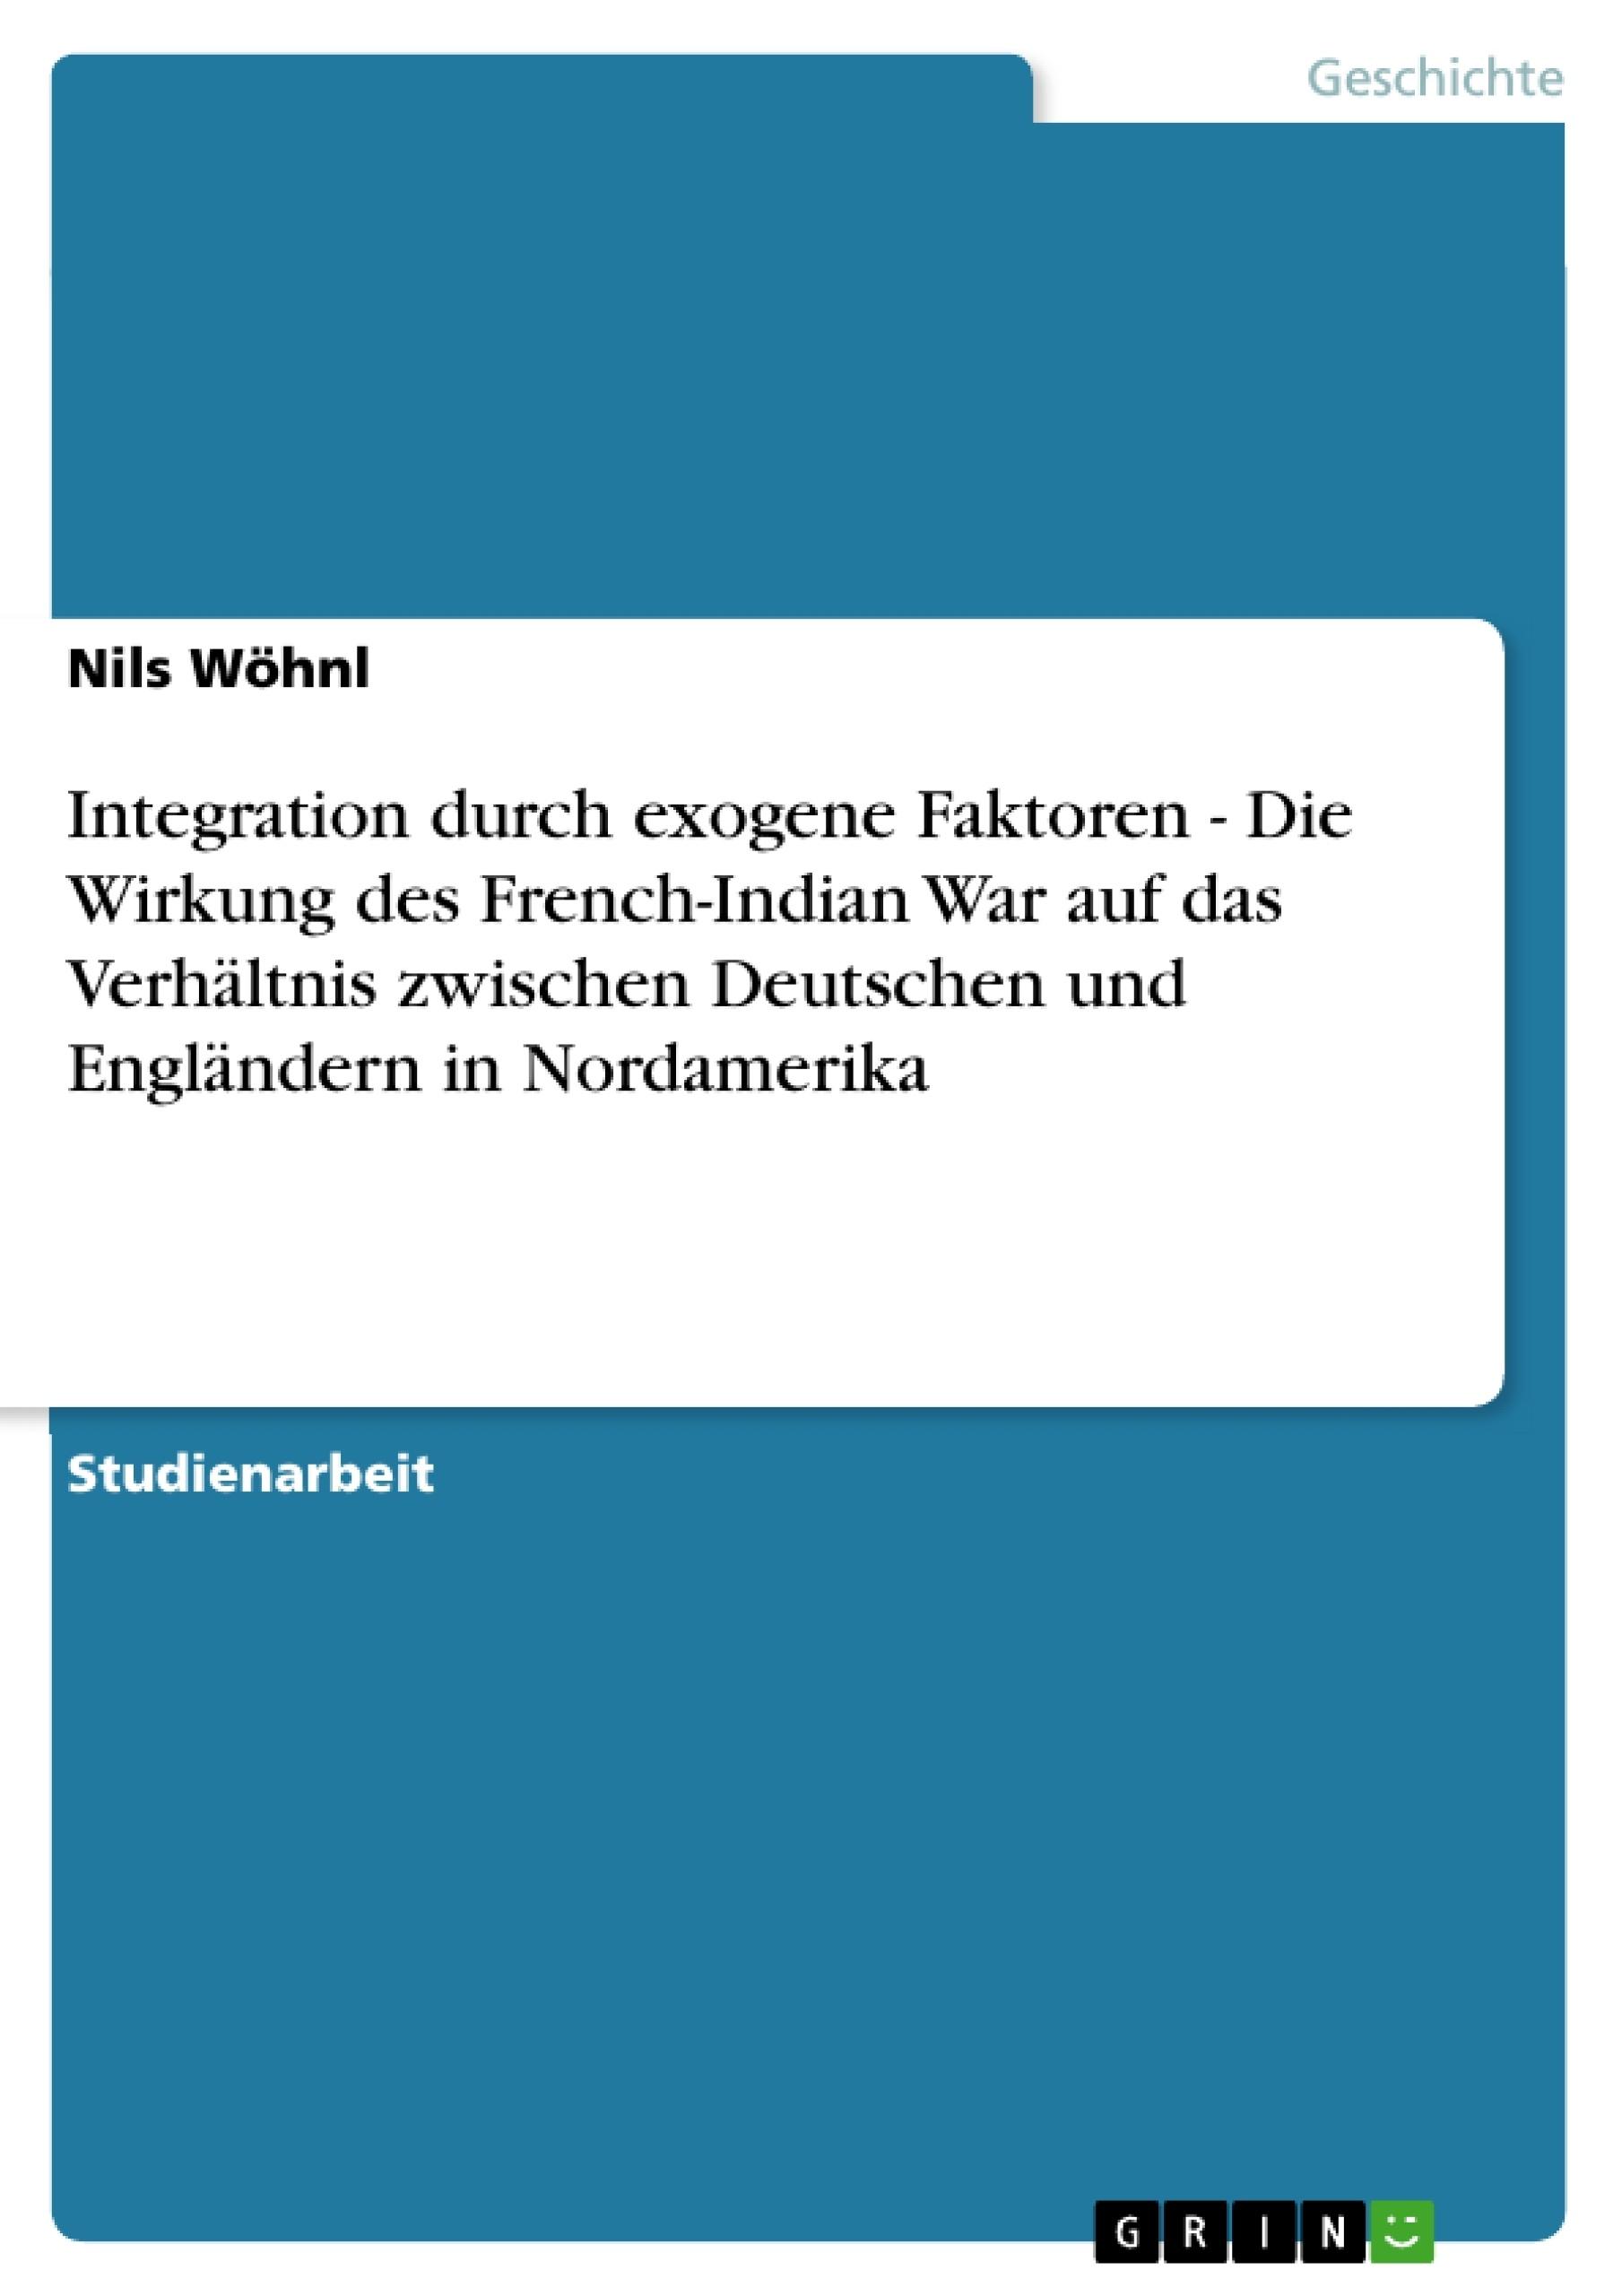 Titel: Integration durch exogene Faktoren - Die Wirkung des  French-Indian War  auf das Verhältnis zwischen Deutschen und Engländern in Nordamerika